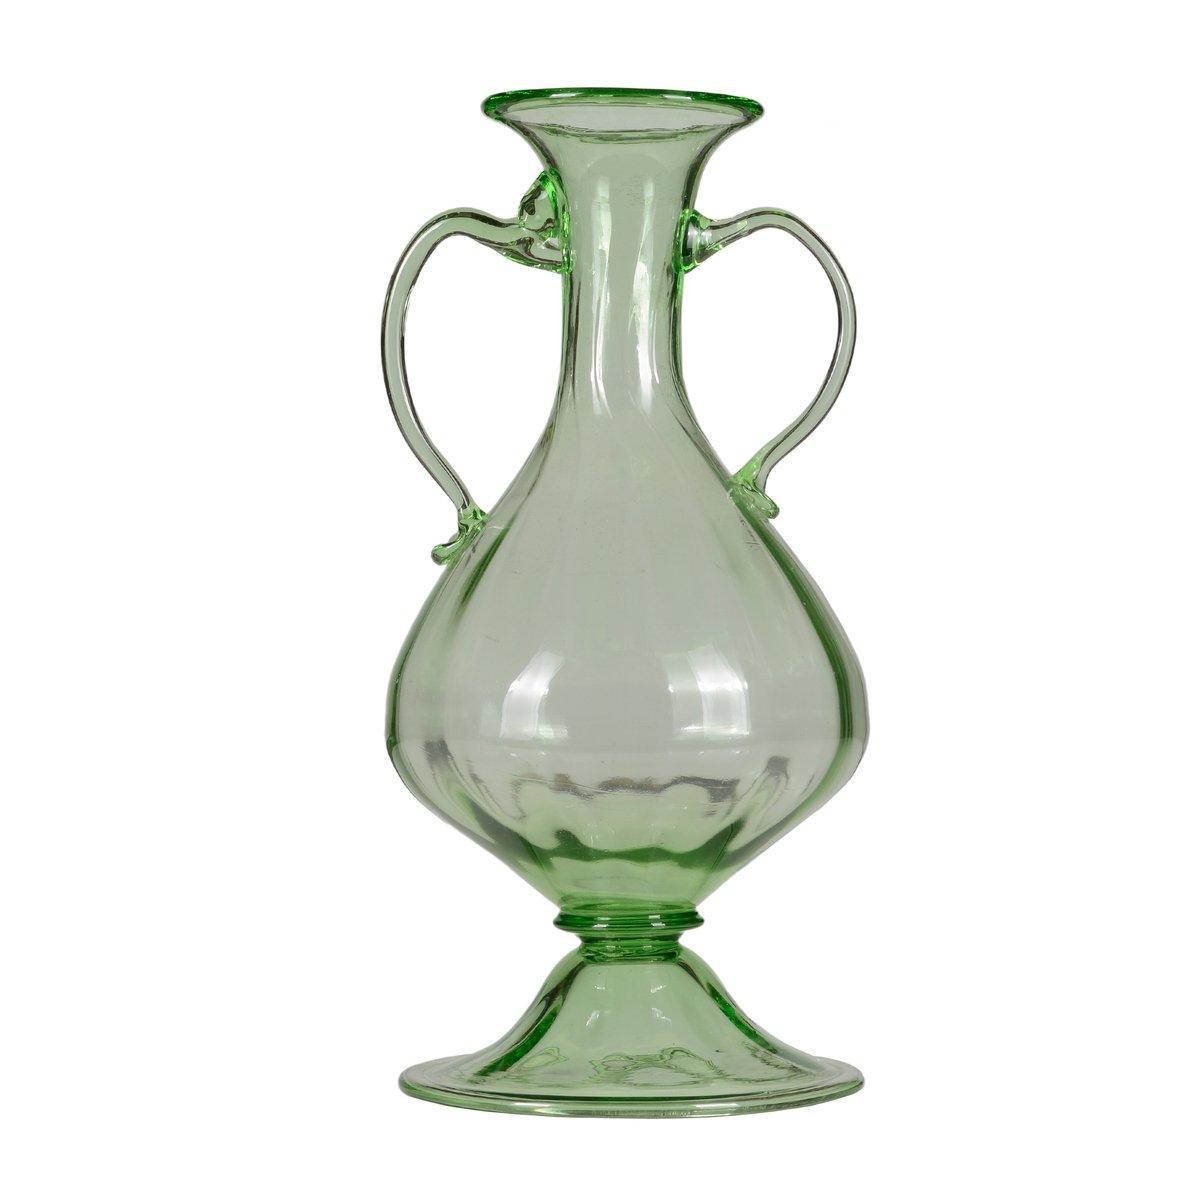 vase en forme de bouteille du 19 me si cle en verre souffl en vente sur pamono. Black Bedroom Furniture Sets. Home Design Ideas